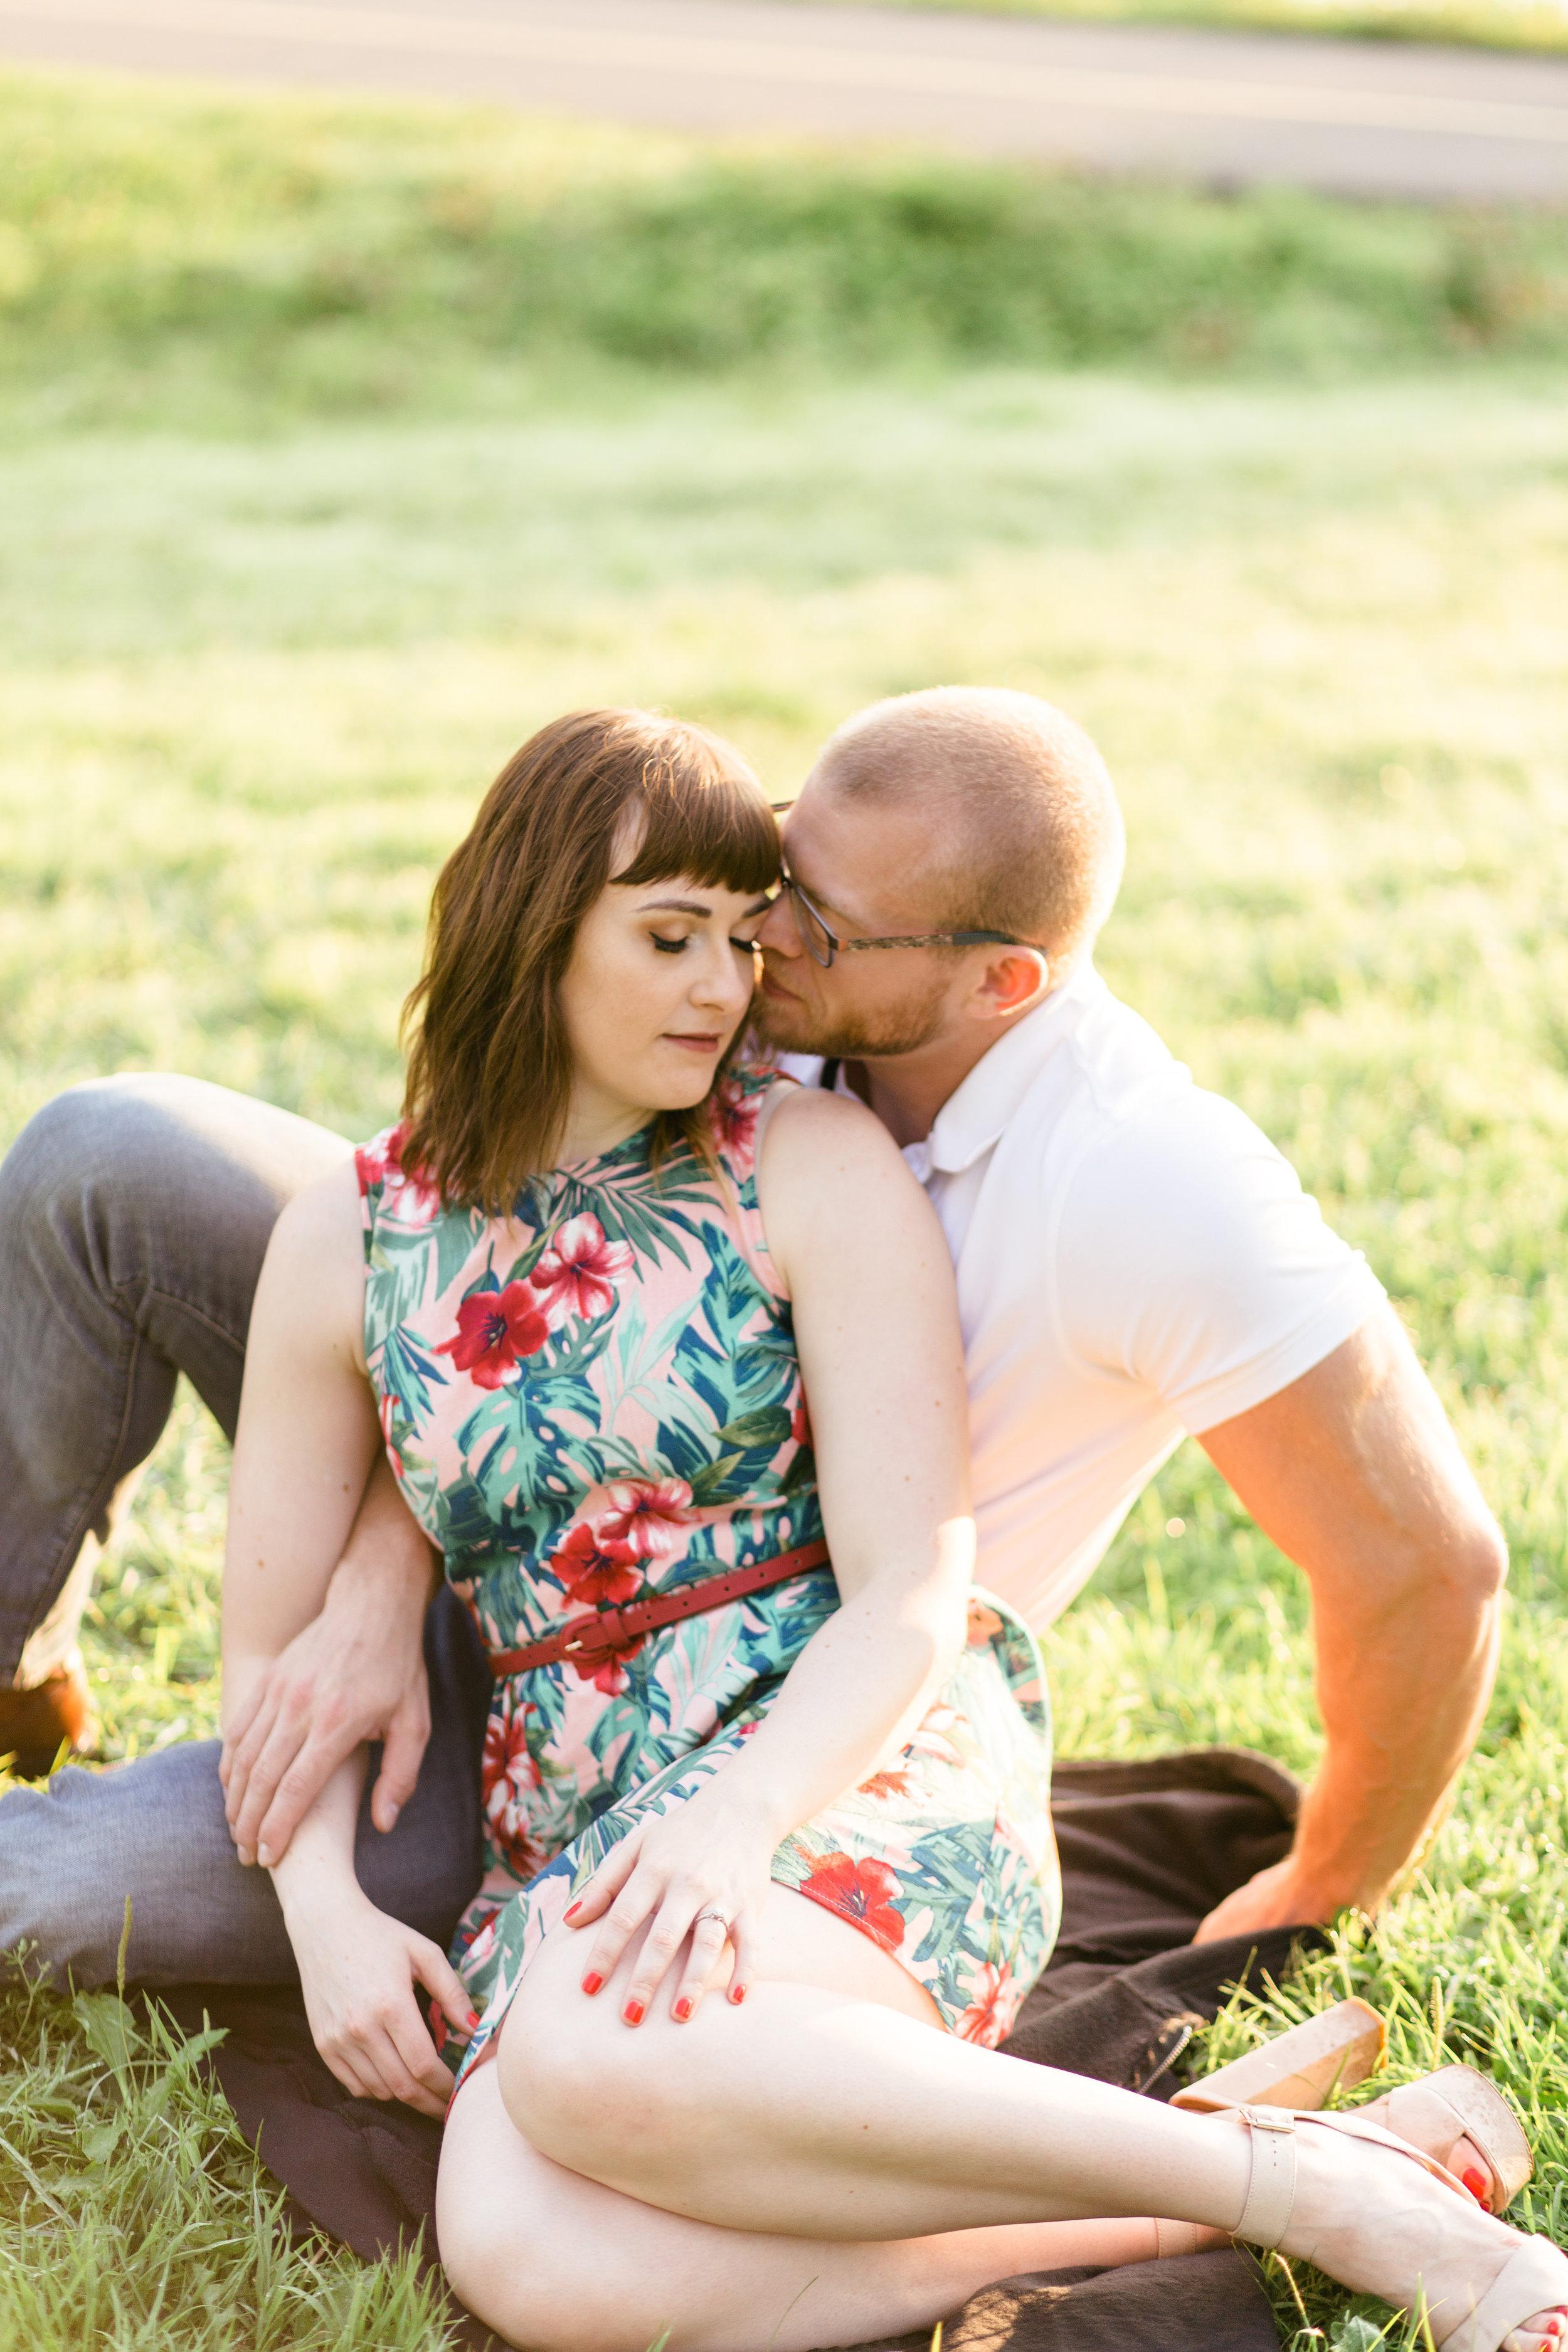 Chloe & Matt Engagement Final Images-12.jpg